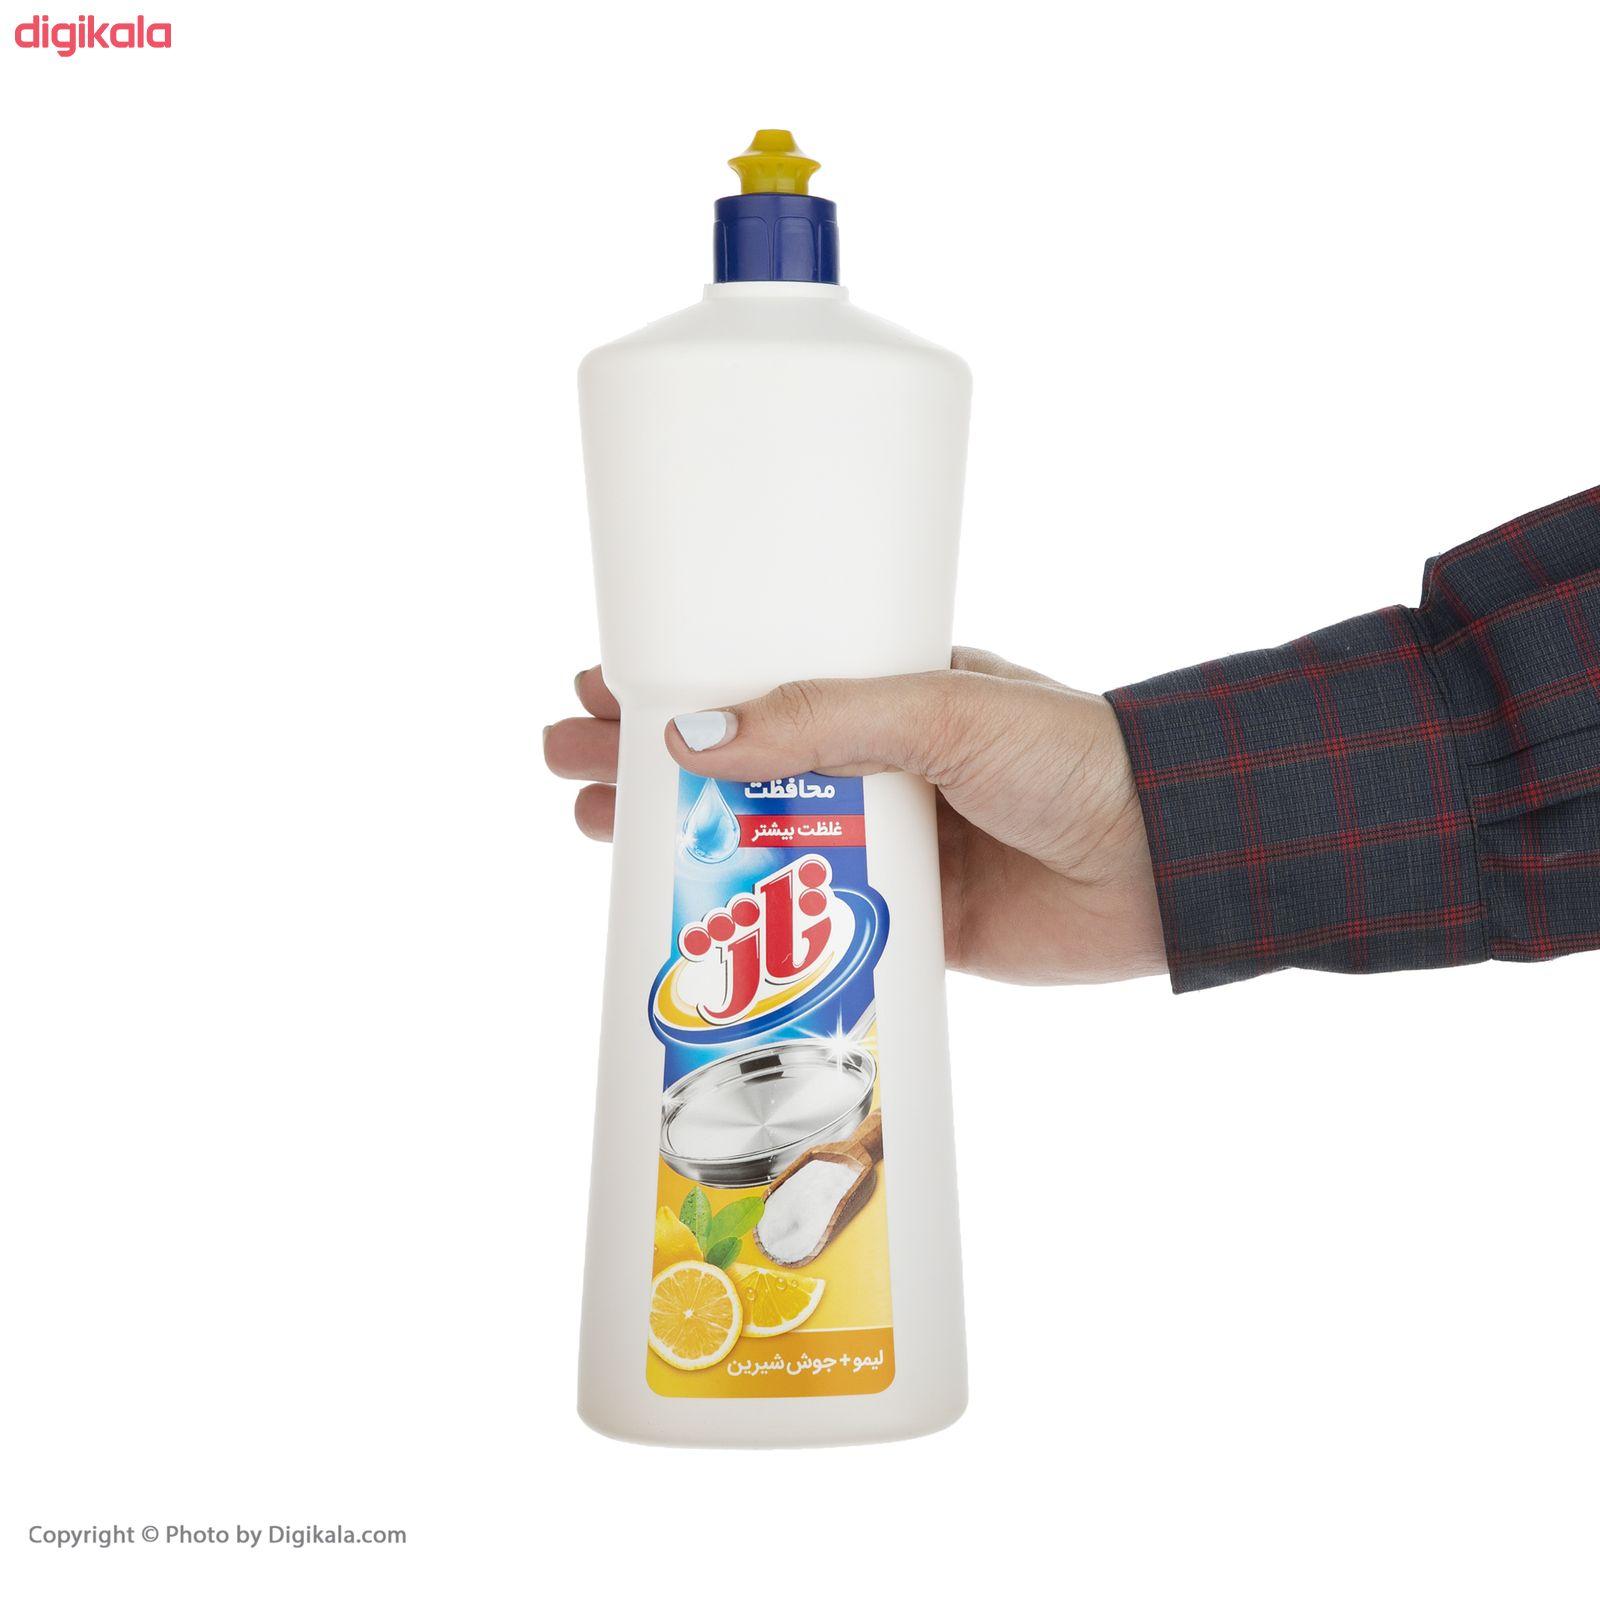 مایع ظرفشویی تاژ حاوی جوش شیرین با رایحه لیمو زرد مقدار 1 کیلوگرم main 1 3